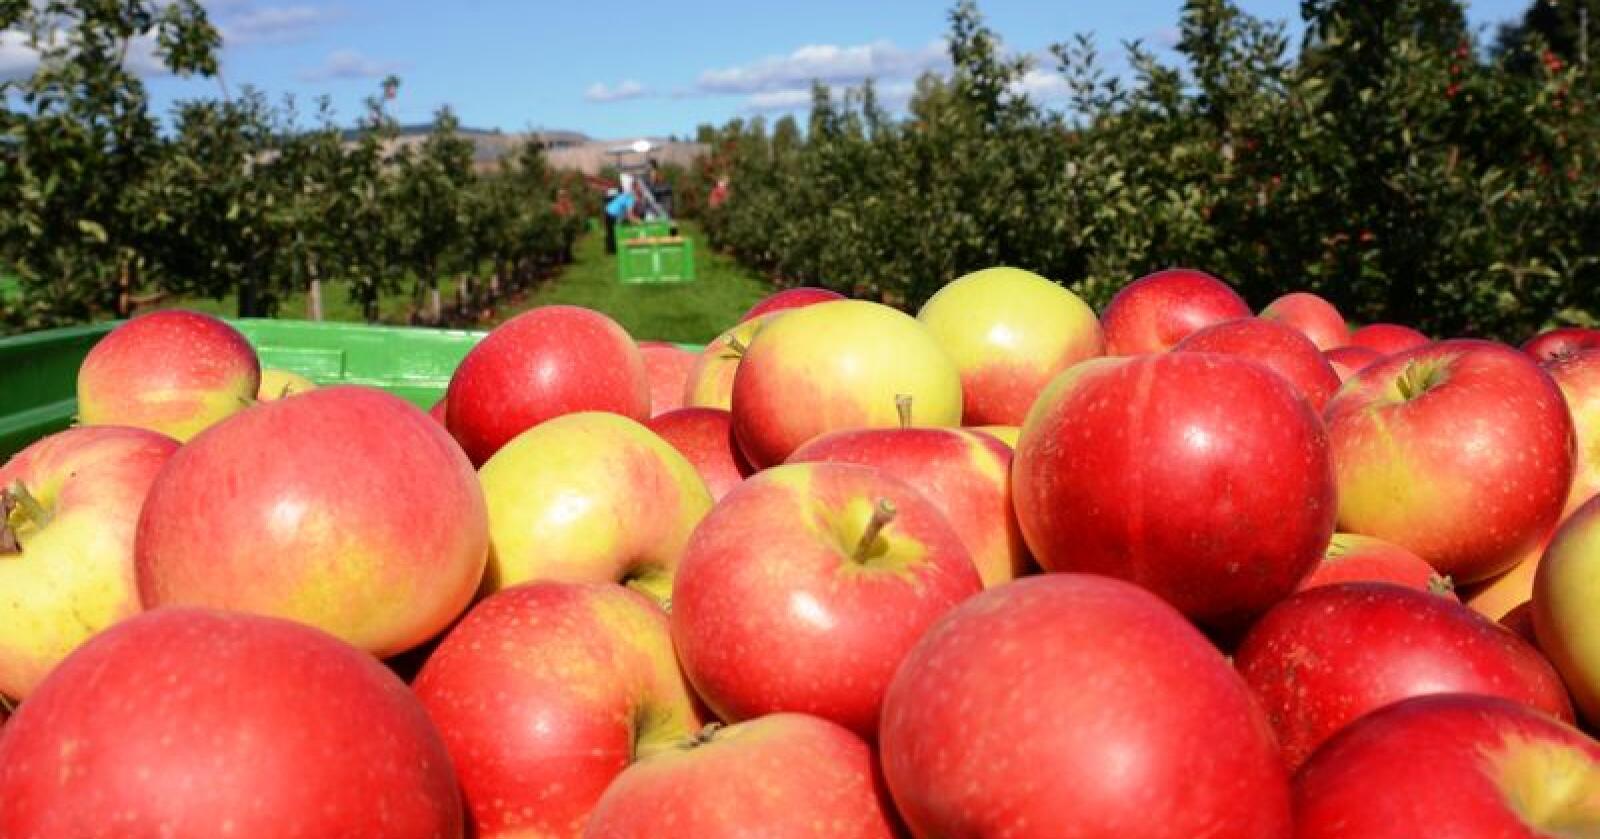 Kartlegginga som Gartnerhallen skal i gang med, vil gi svar på hvordan fruktproduksjonen ser ut fem år frem i tid.  Foto: Arkivfoto